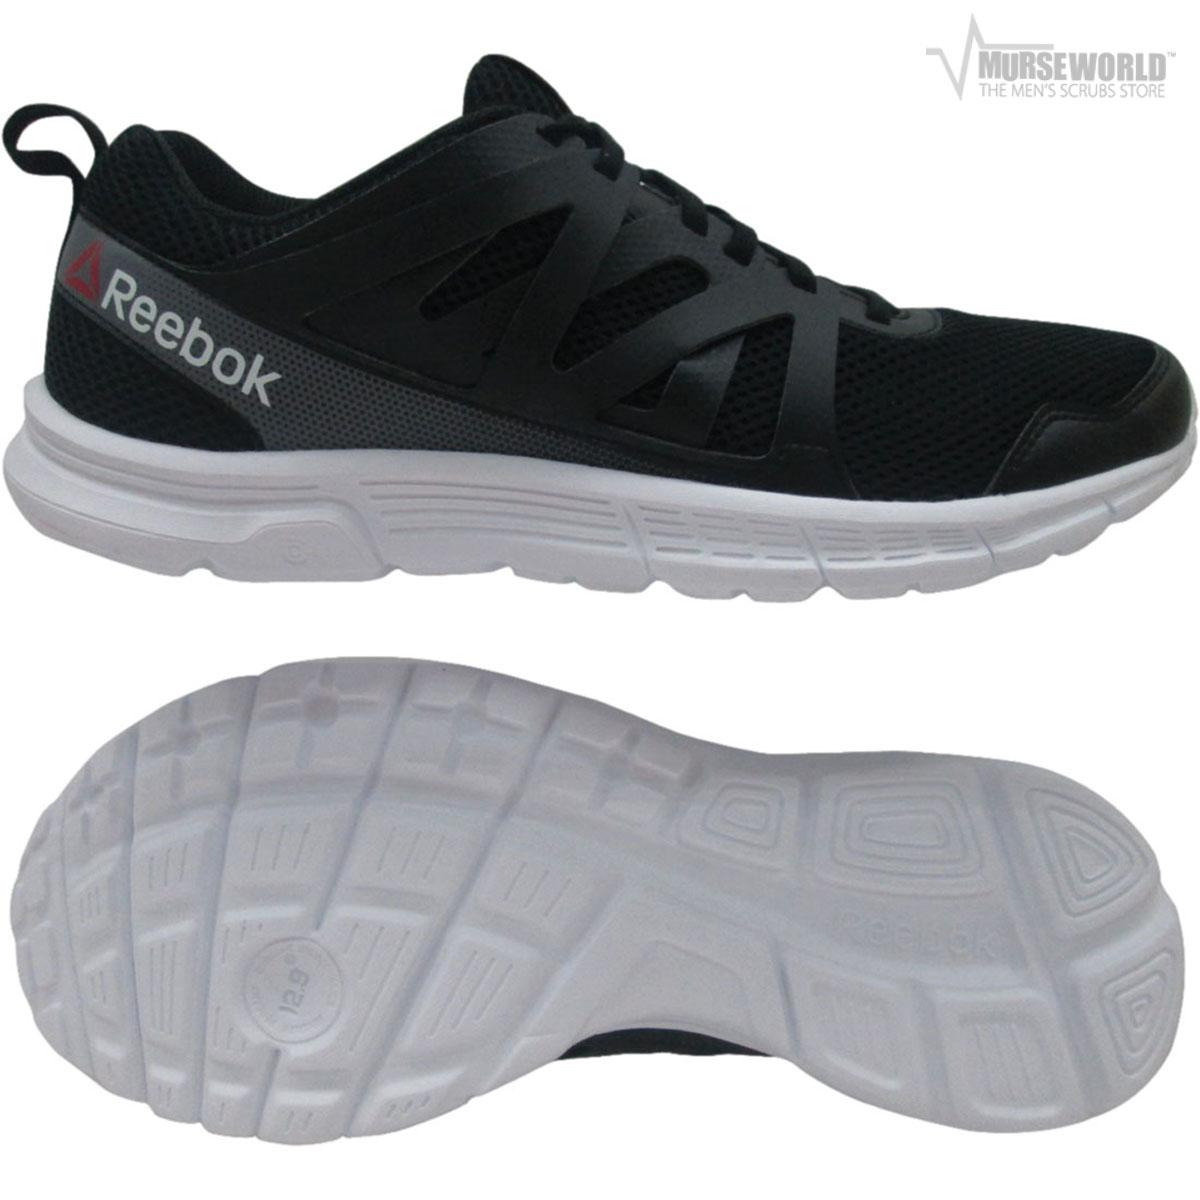 Reebok Men's Memory Tech Sneaker - MRUNSUPREME2